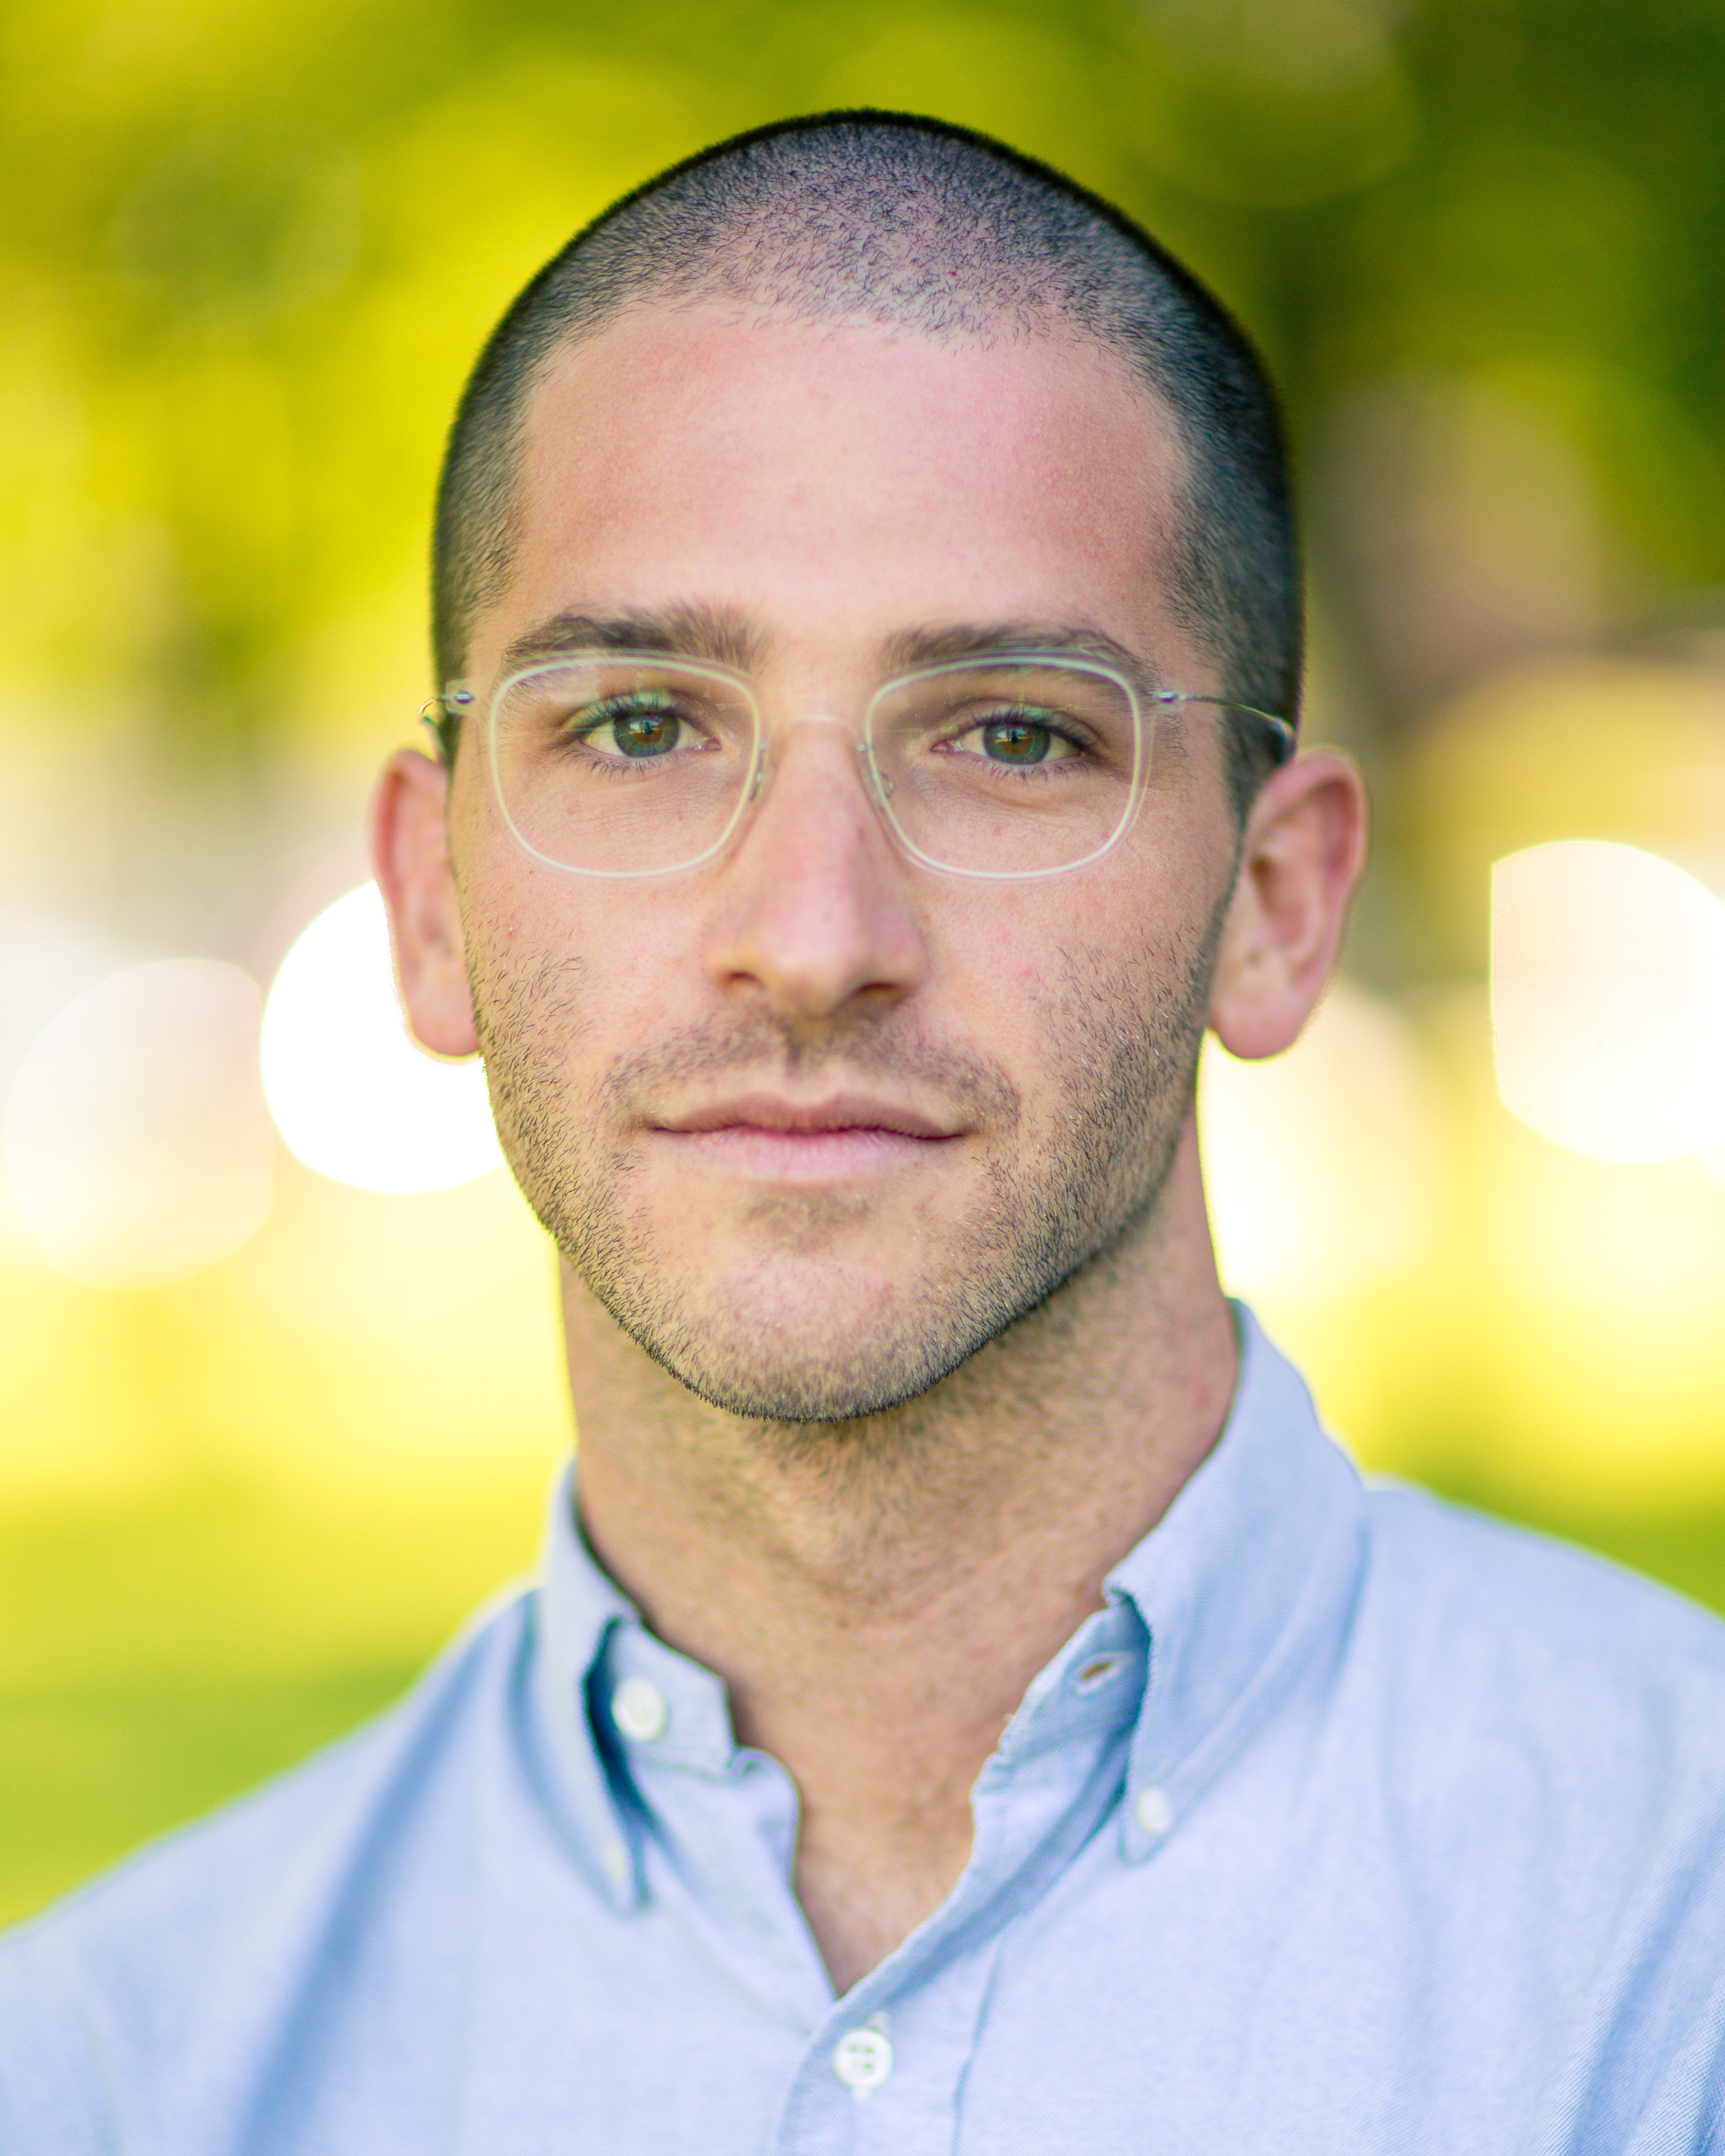 Noah Winkler_Headshot1.JPG